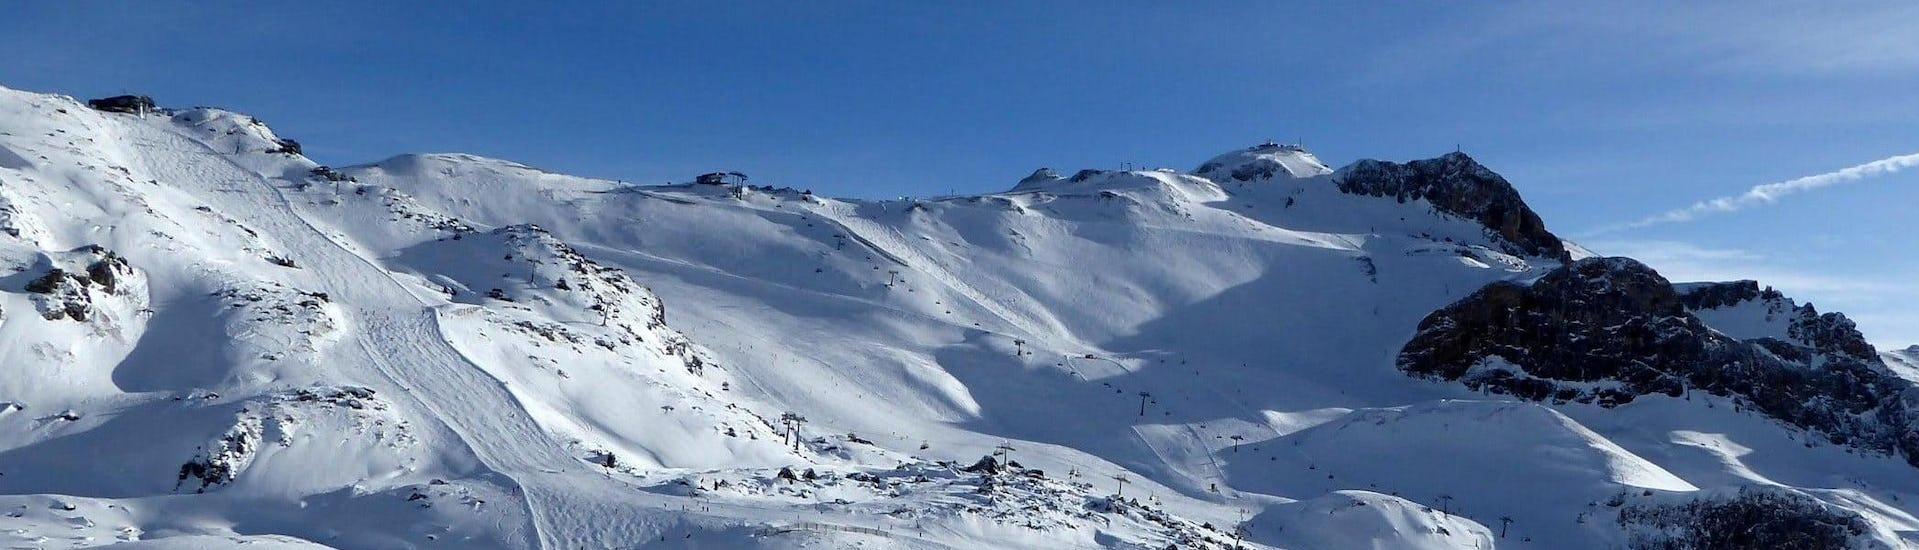 Vue sur un paysage de montagne ensoleillé lors d'un cours de ski avec l'une des écoles de ski à Ischgl.